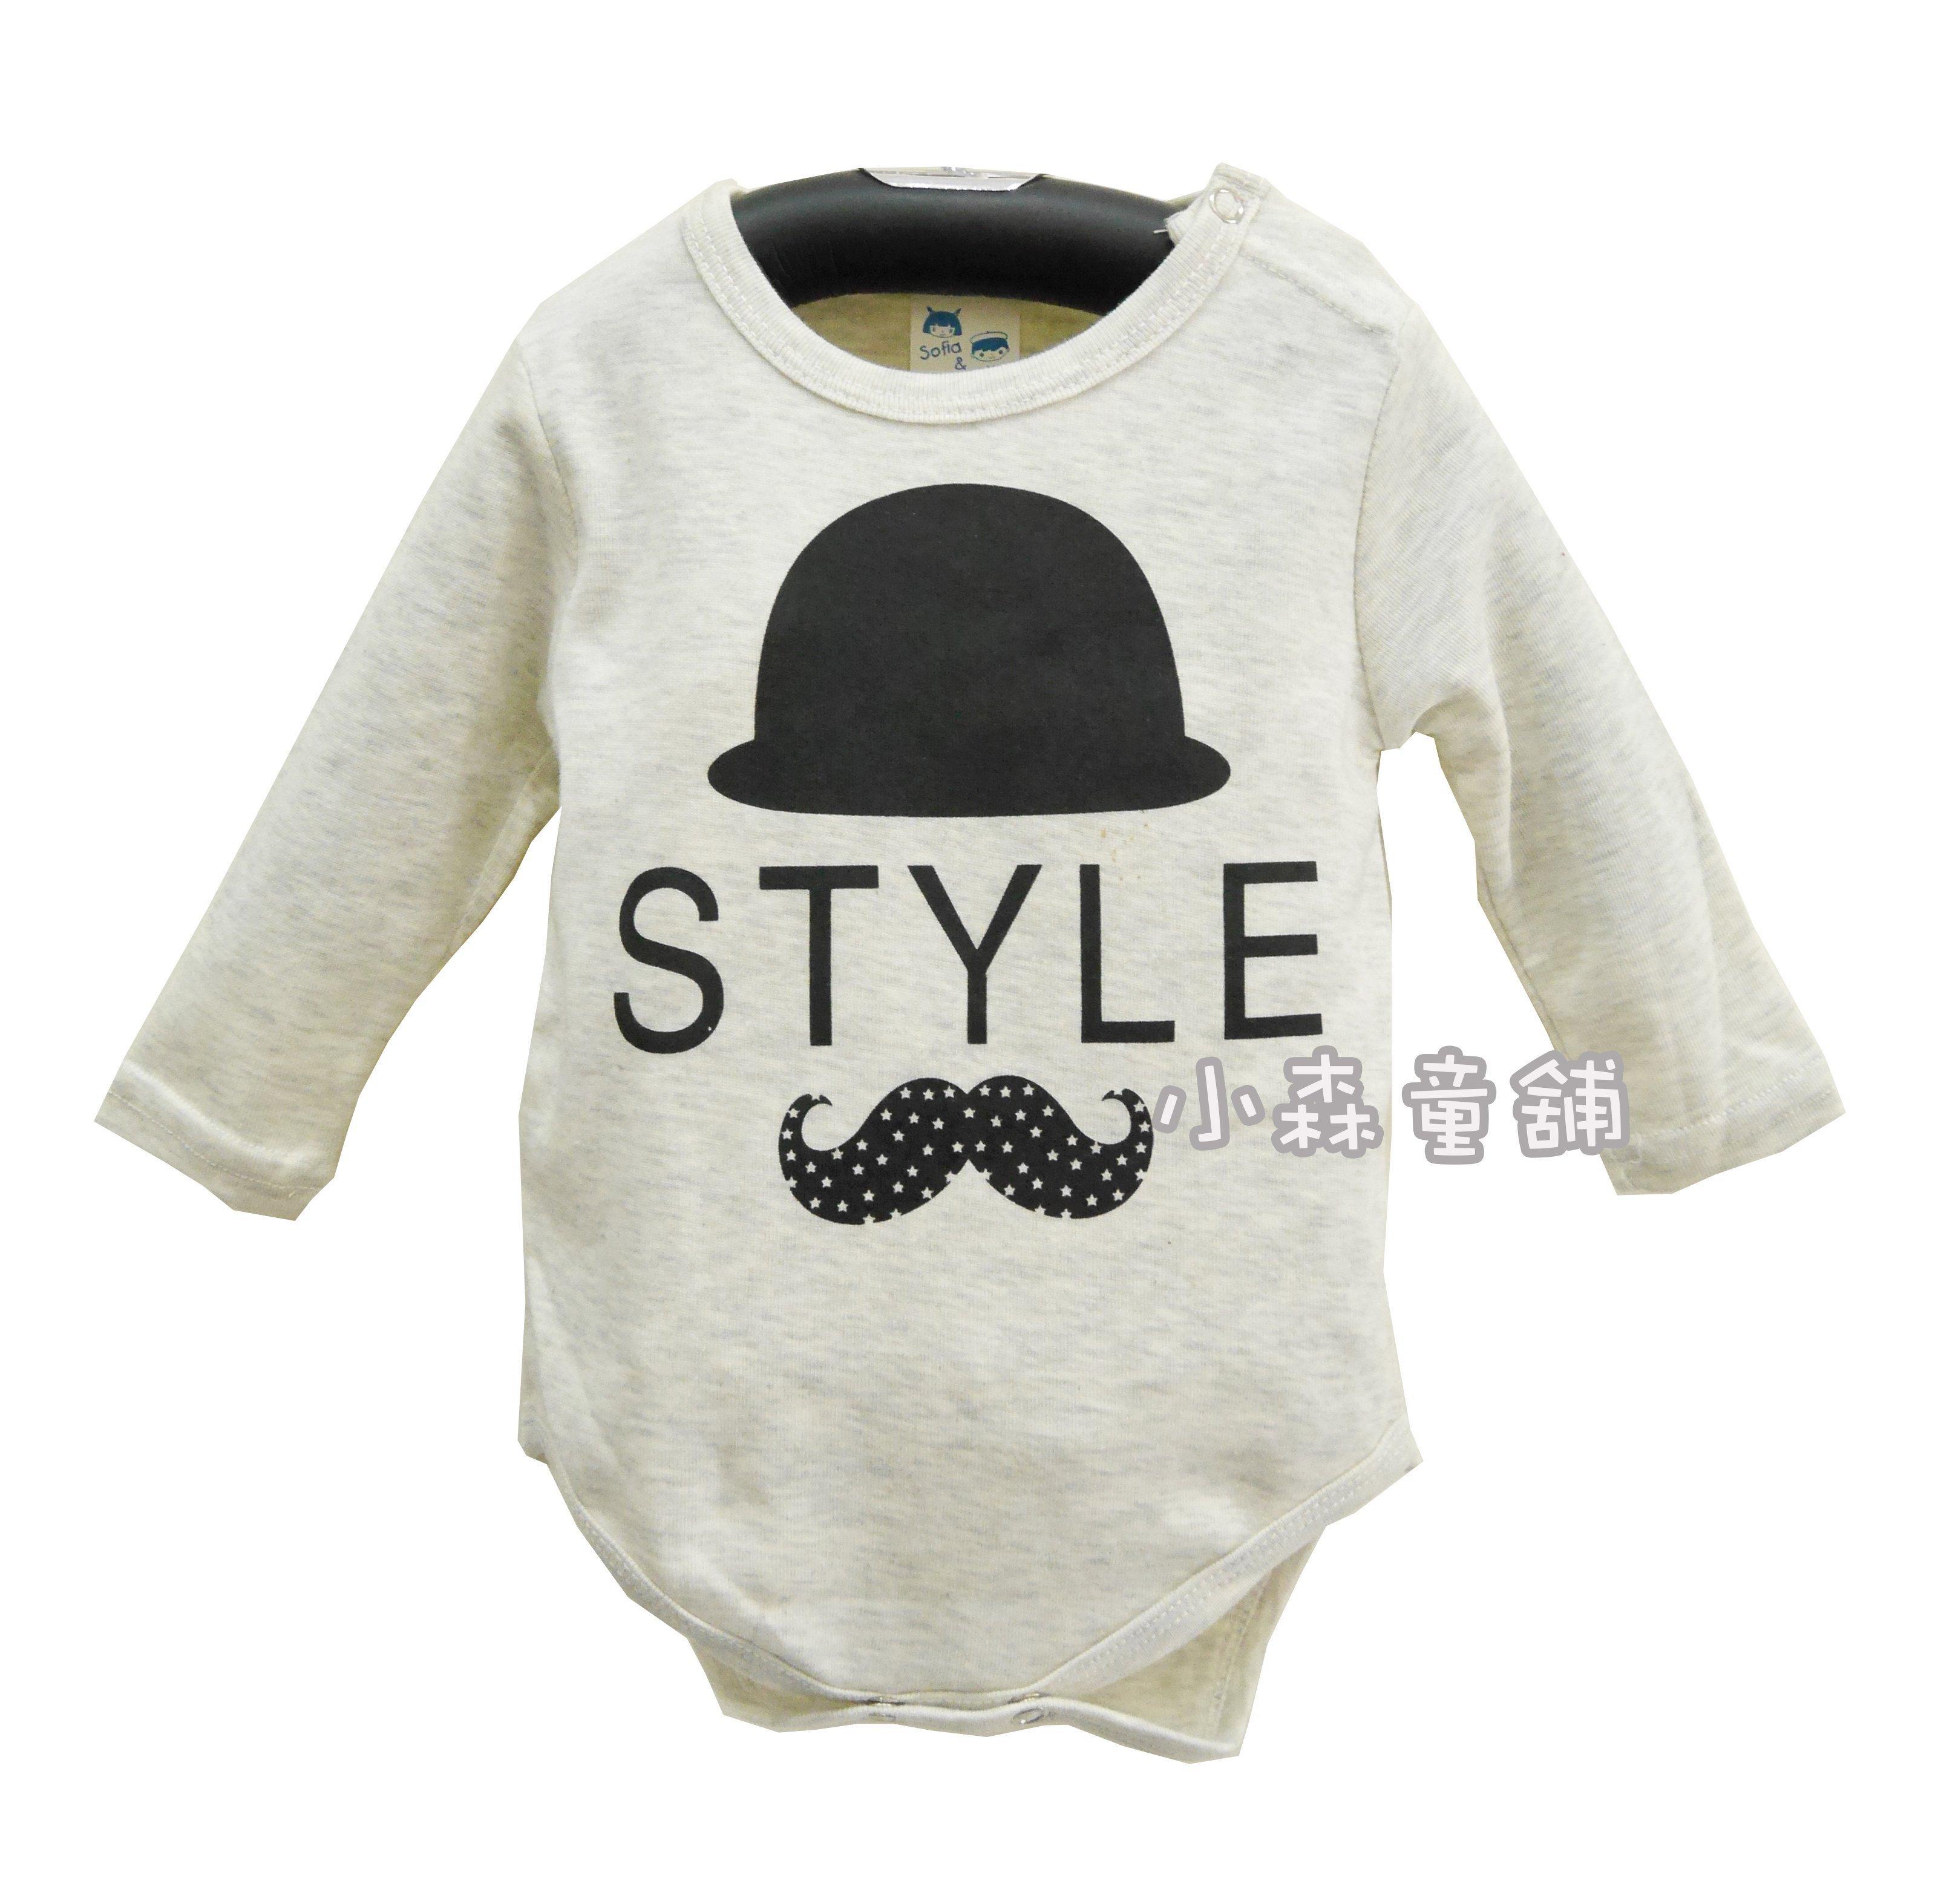 小森童舖 款 男寶寶 棉質可愛淺灰 STYLE 帽子俏鬍子款 長袖包屁衣 連身衣 1號 製 零碼